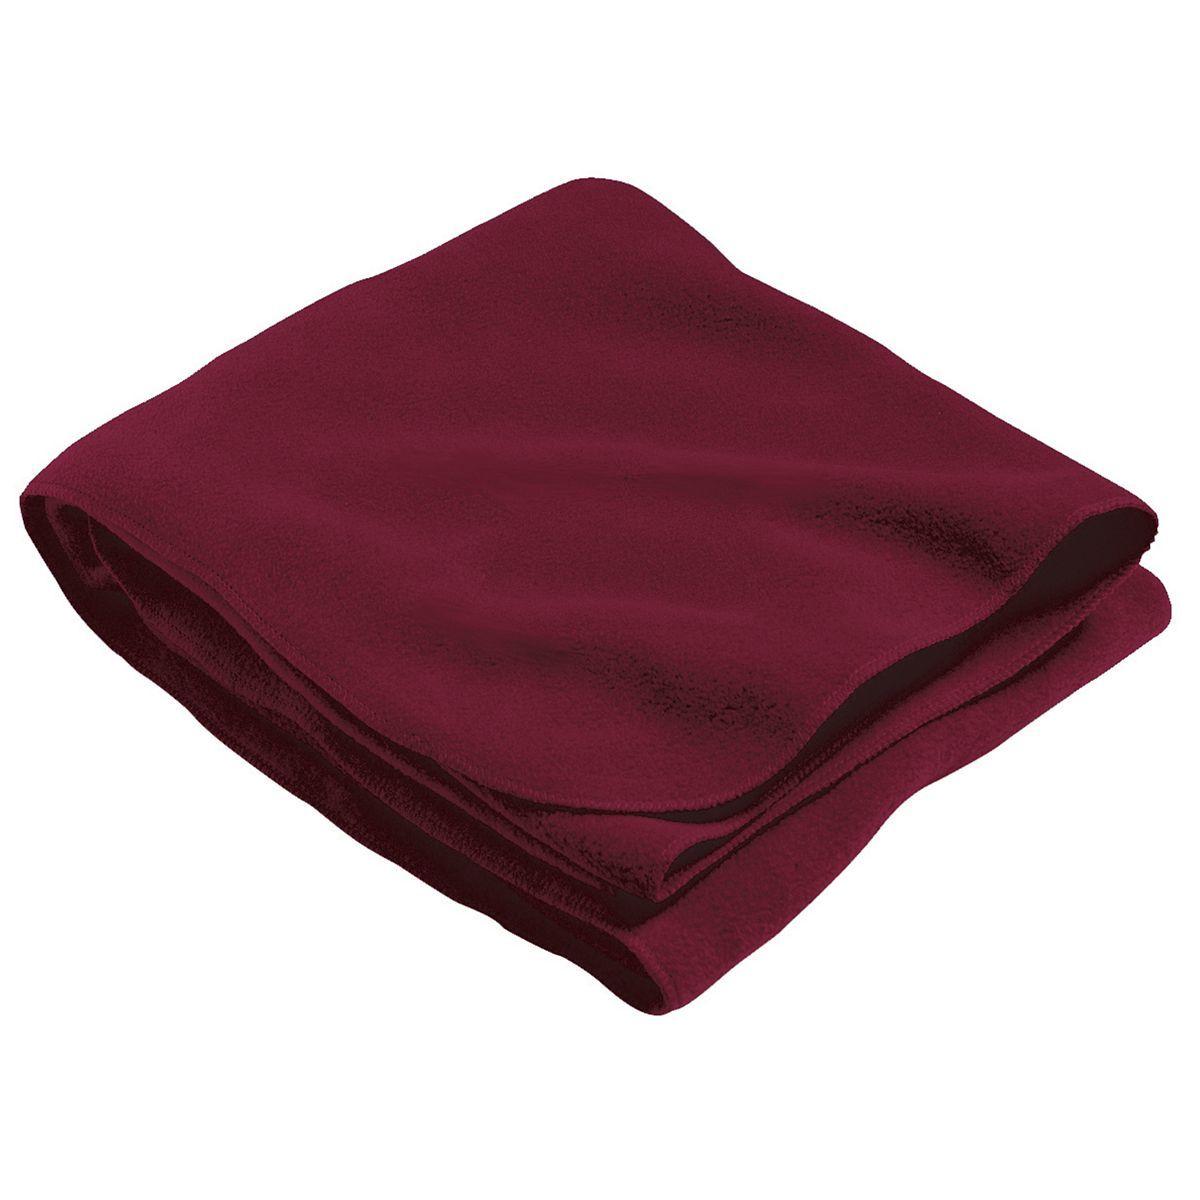 Stadium Blanket - MAROON